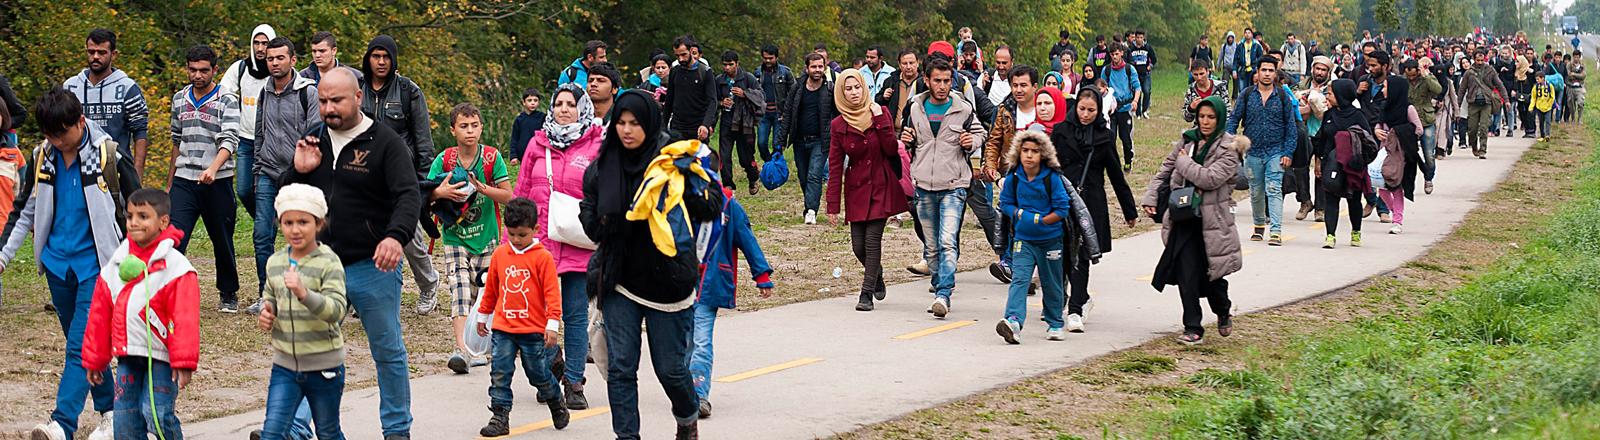 Flüchtlinge an der Grenze von Ungarn